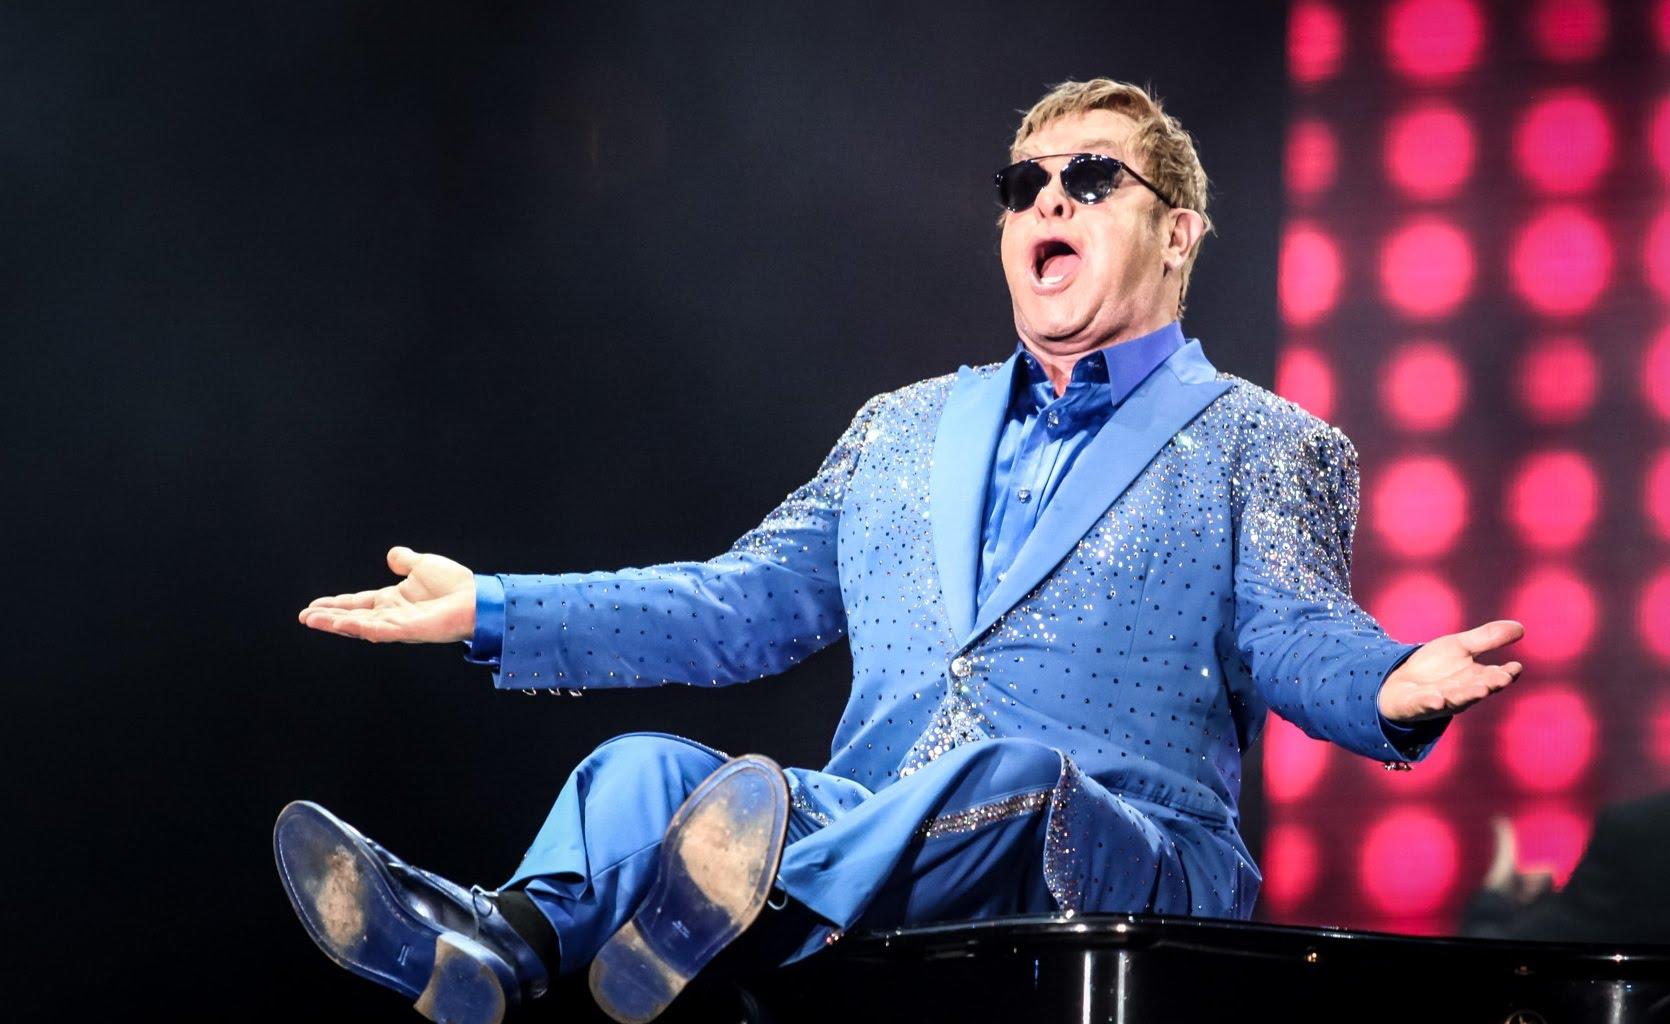 TELEFONSKI POZIV Putin Eltonu Johnu ponudio sastanak zbog prava homoseksualaca